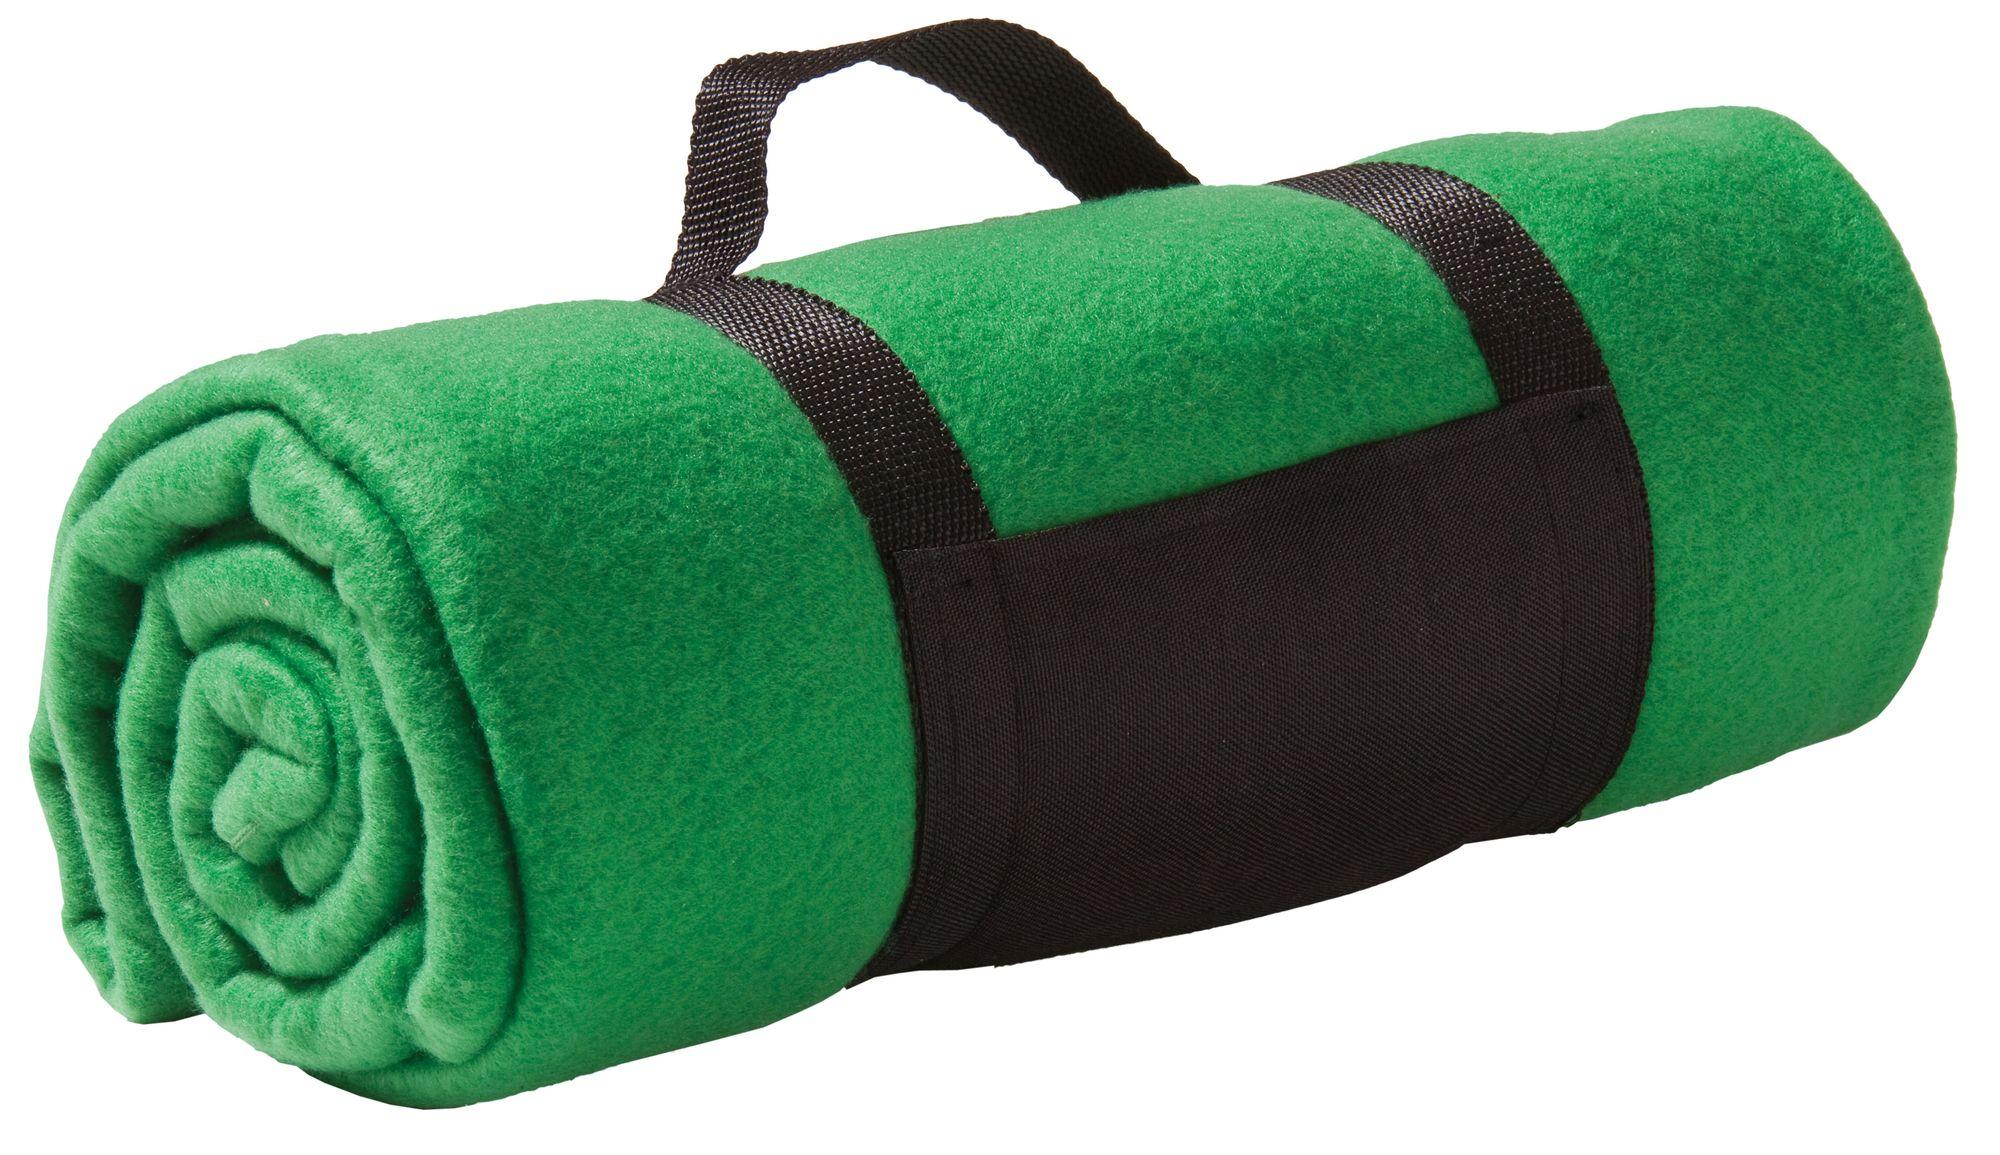 Дорожный плед Soft, зеленый